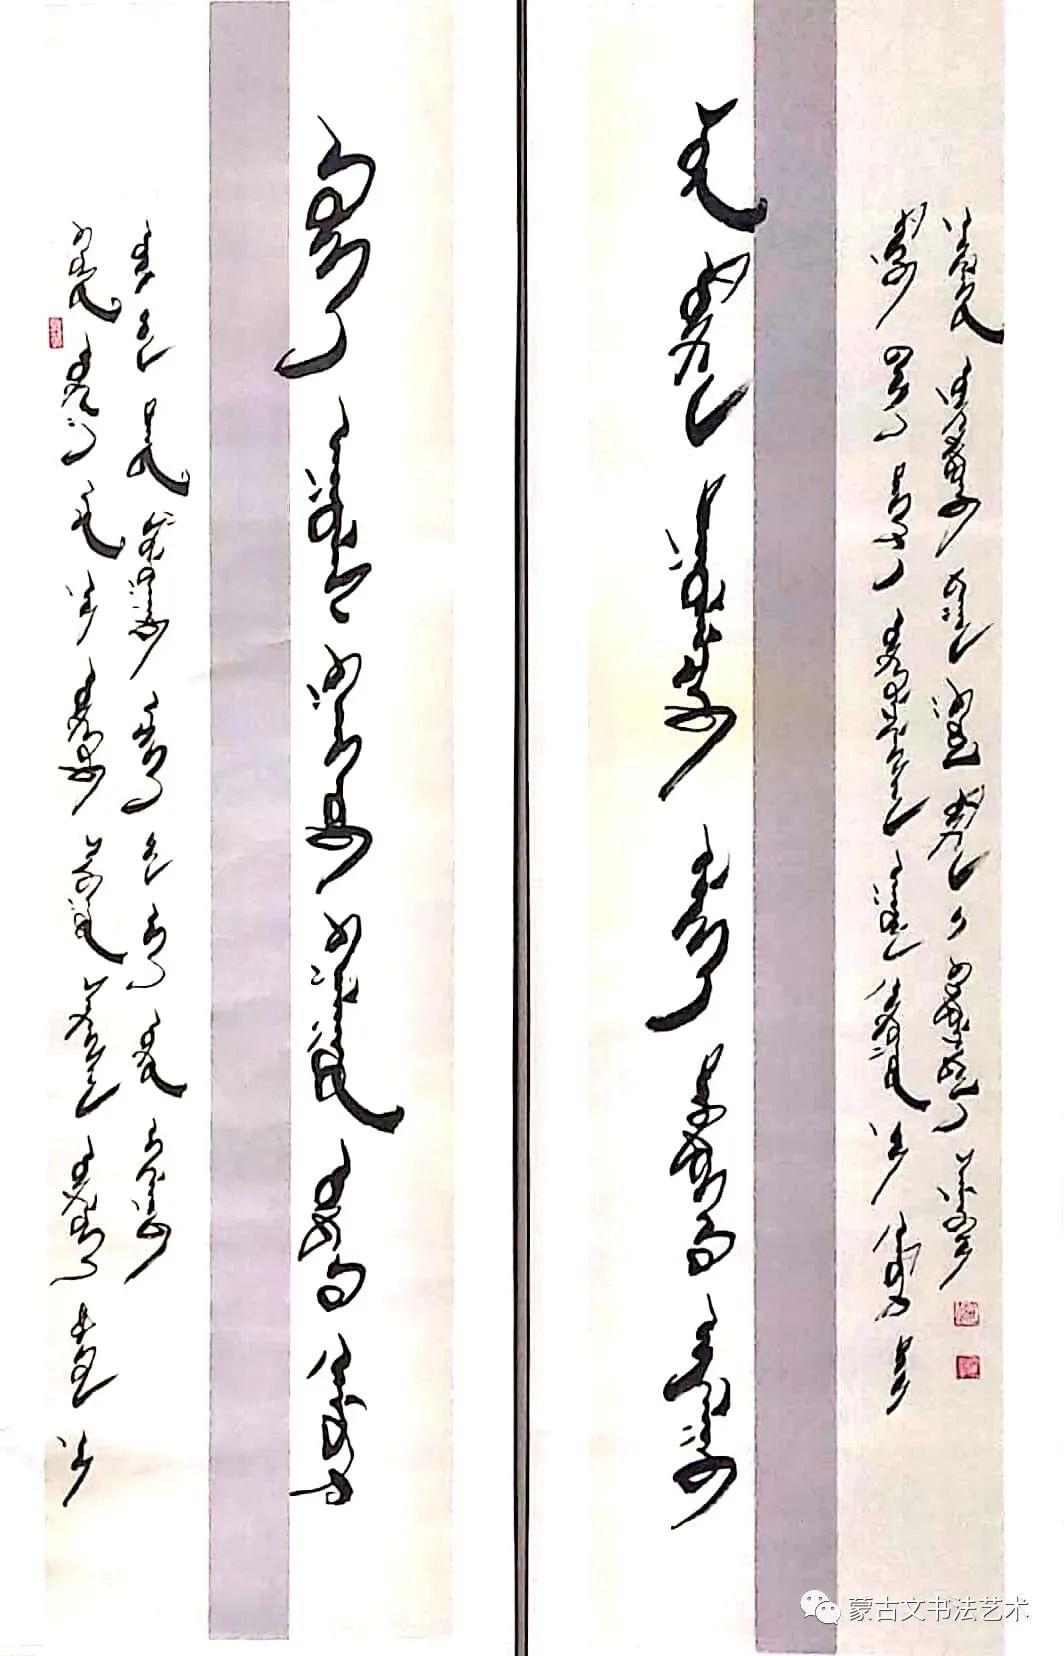 扎仁琴蒙古文书法 第20张 扎仁琴蒙古文书法 蒙古书法